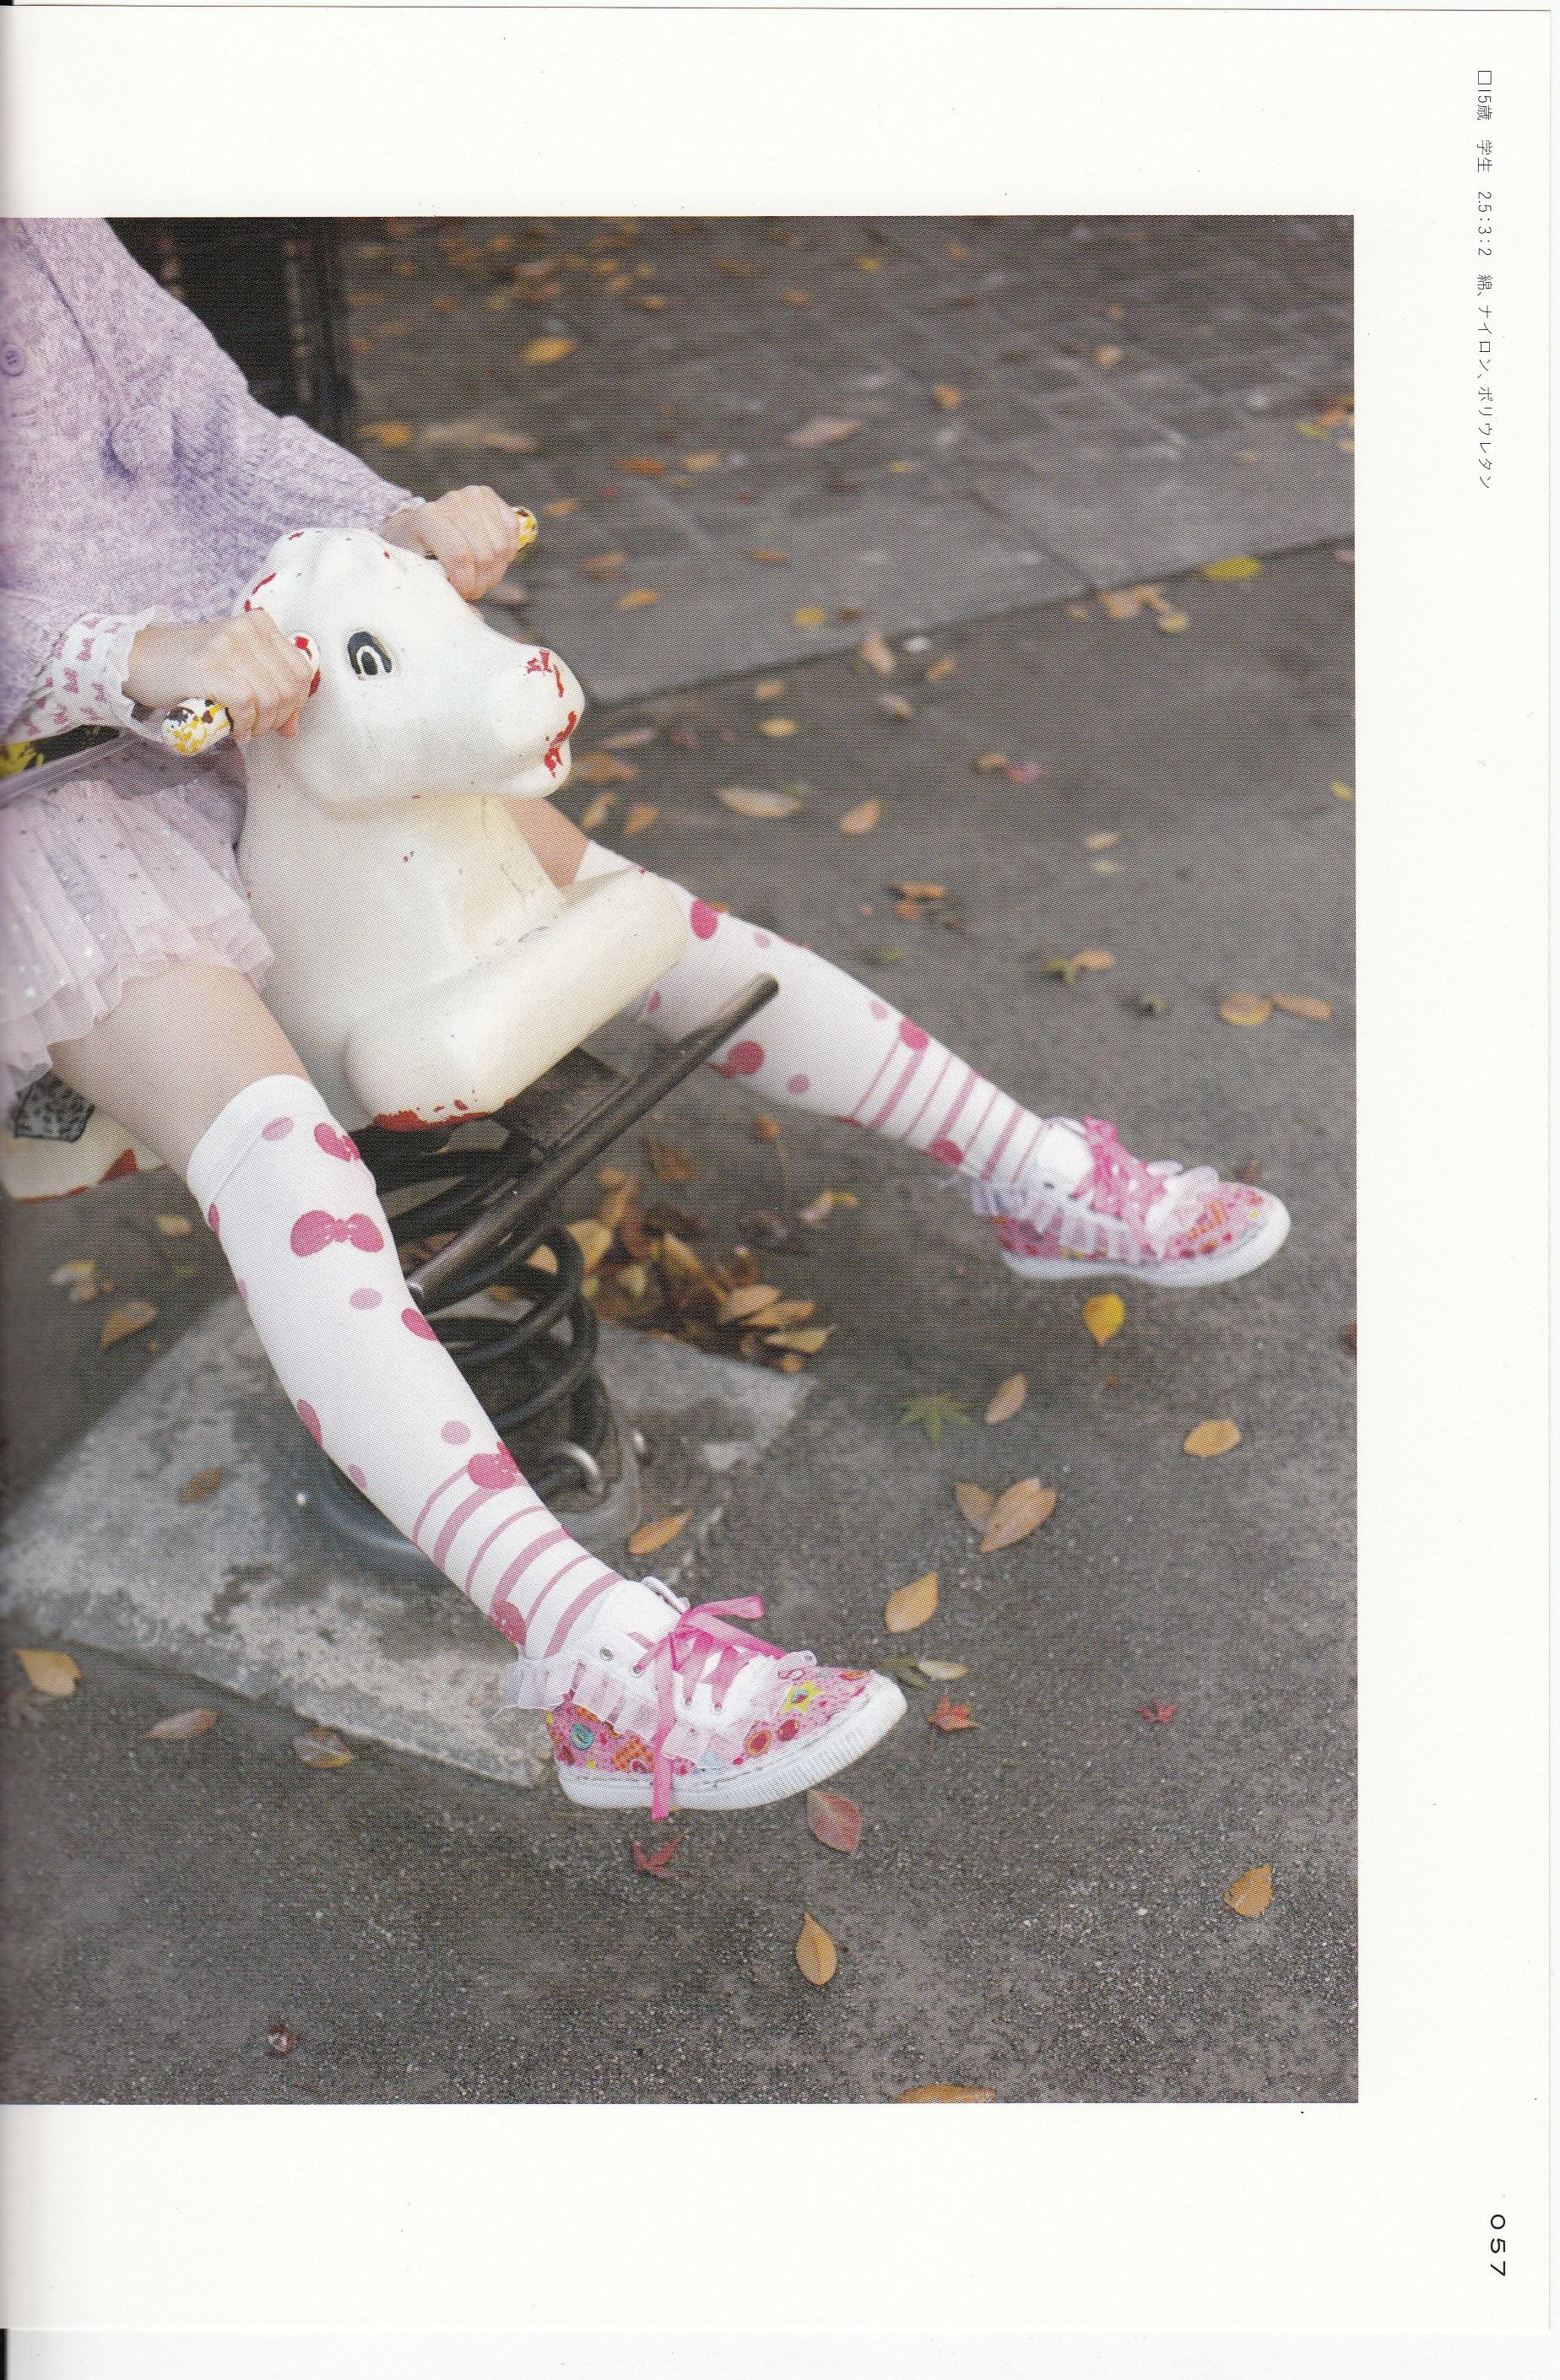 【兔玩映画】新鲜的美少女大腿 兔玩映画 第38张